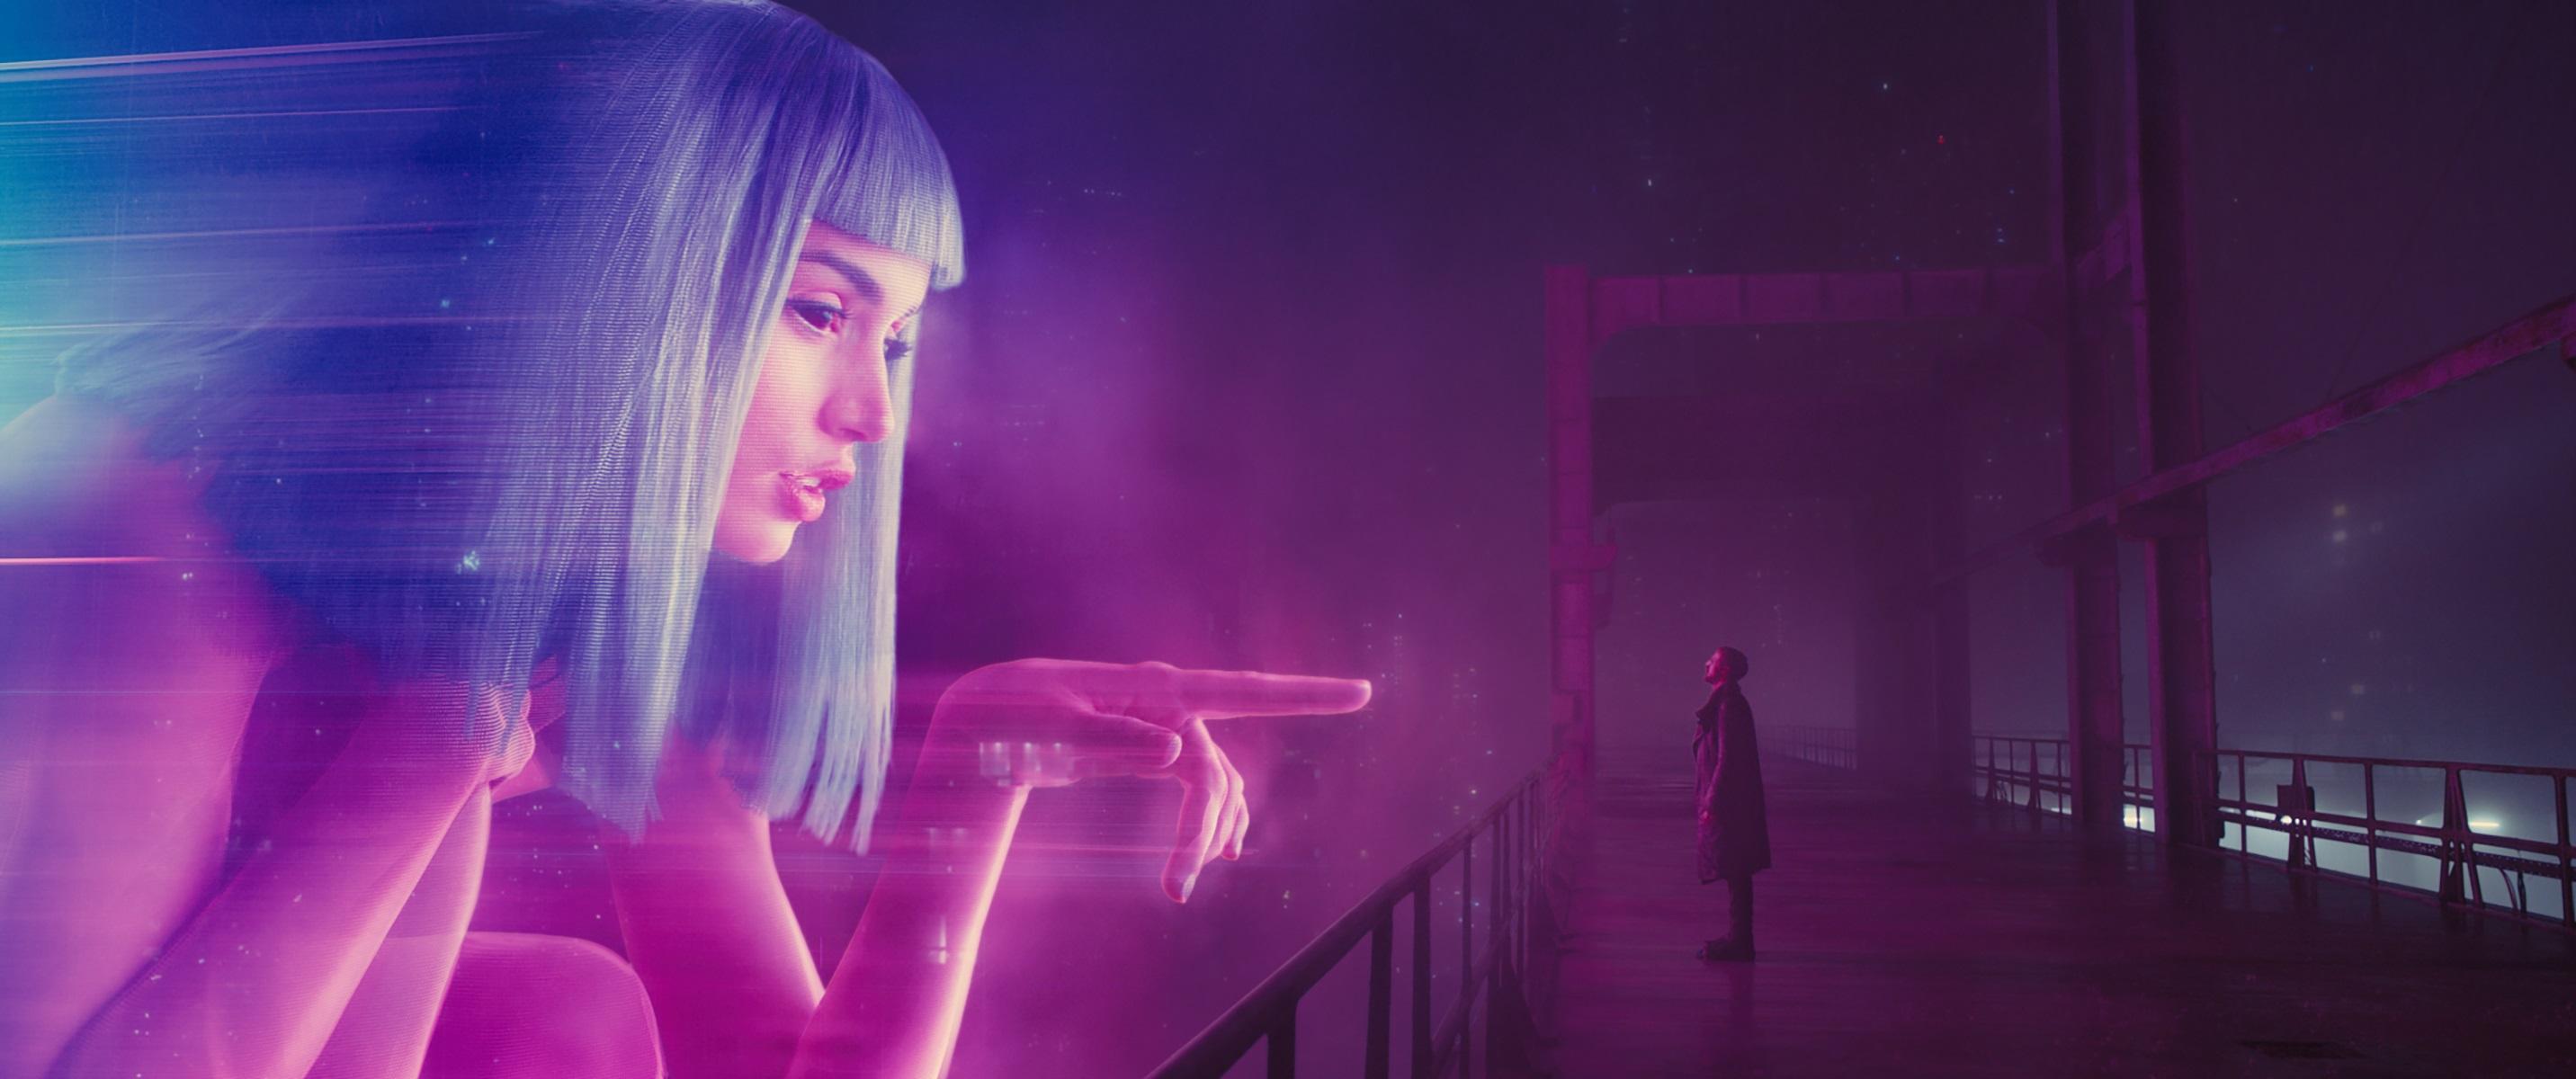 2个半小时的波澜壮阔!《银翼杀手2049》为什么是今年最好科幻片 - 狐狸·梦见乌鸦 - 埋骨之地